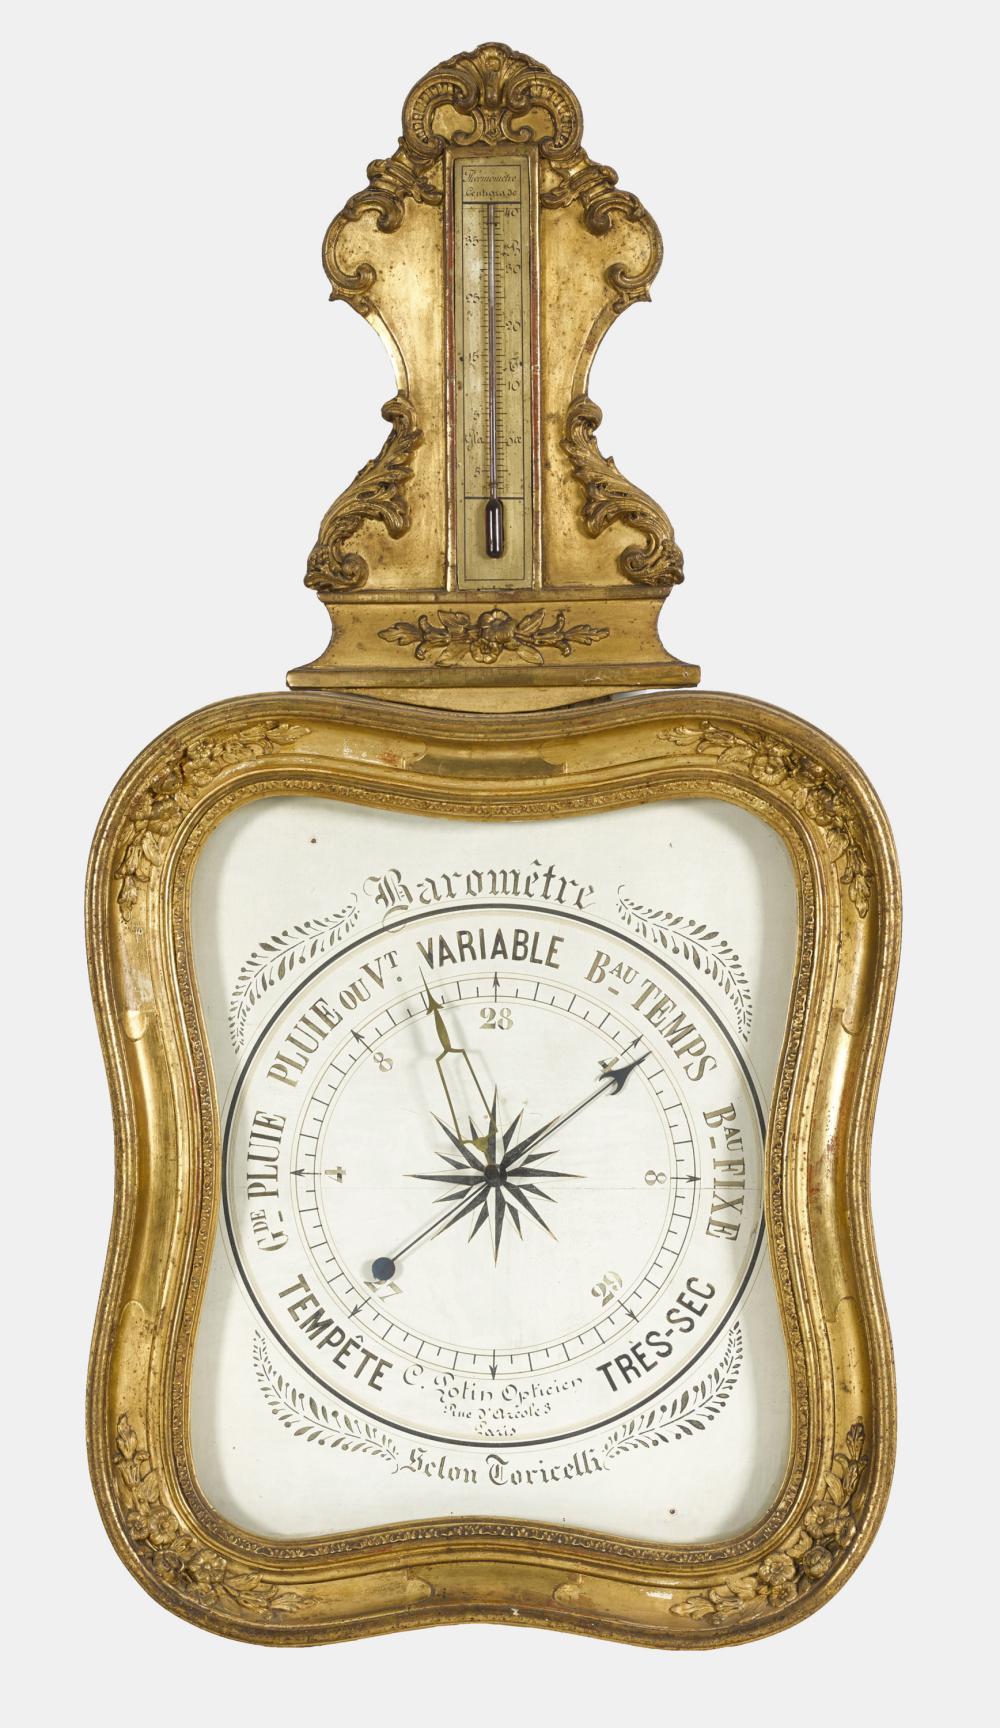 BAROMETER: Louis XV, Frankreich, Ende 18. Jh. (Selon Torincelli).